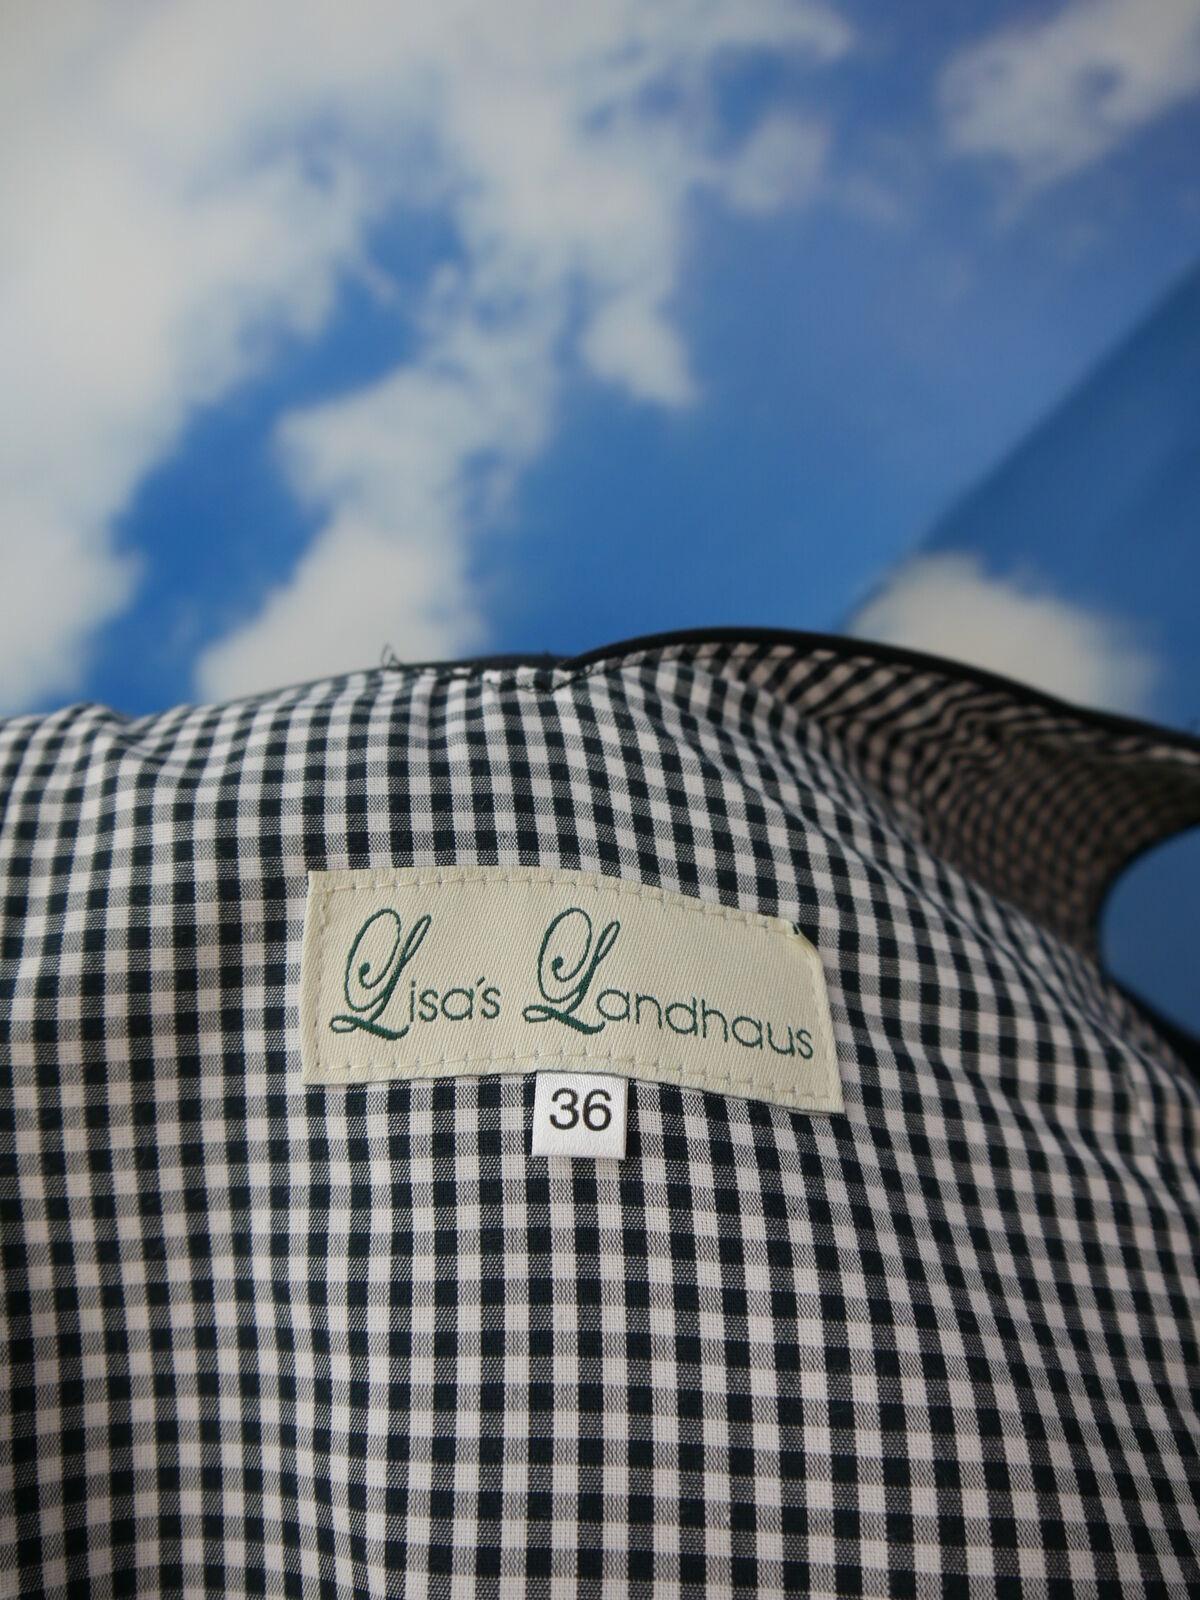 Lisa Landhaus Balkonett Dirndl Ketten Schnürung Trachtenkleid und Schürze Gr.36 Gr.36 Gr.36 | Der neueste Stil  | Schönes Design  | Stilvoll und lustig  01a9f8